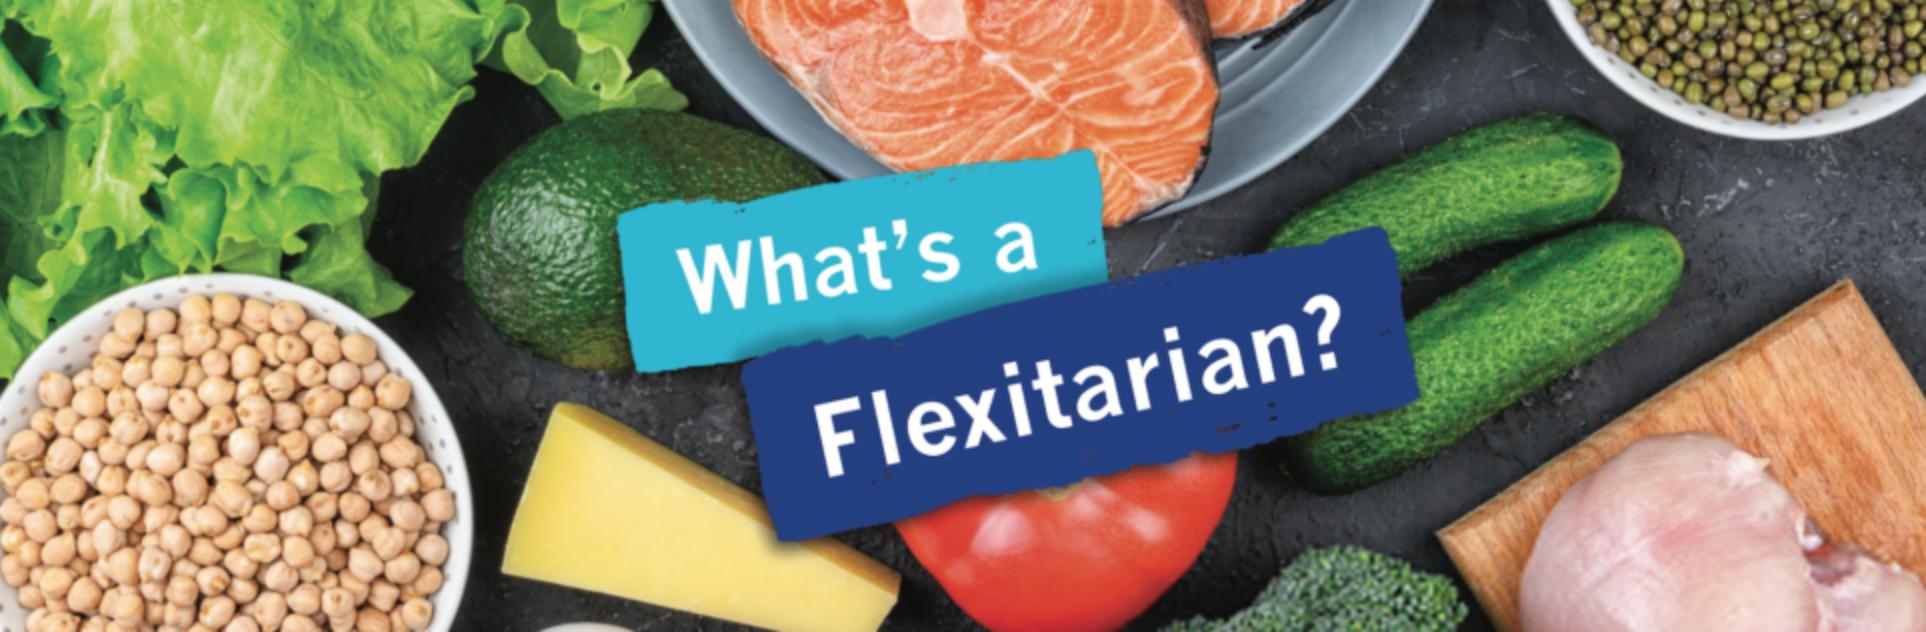 What's a Flexitarian